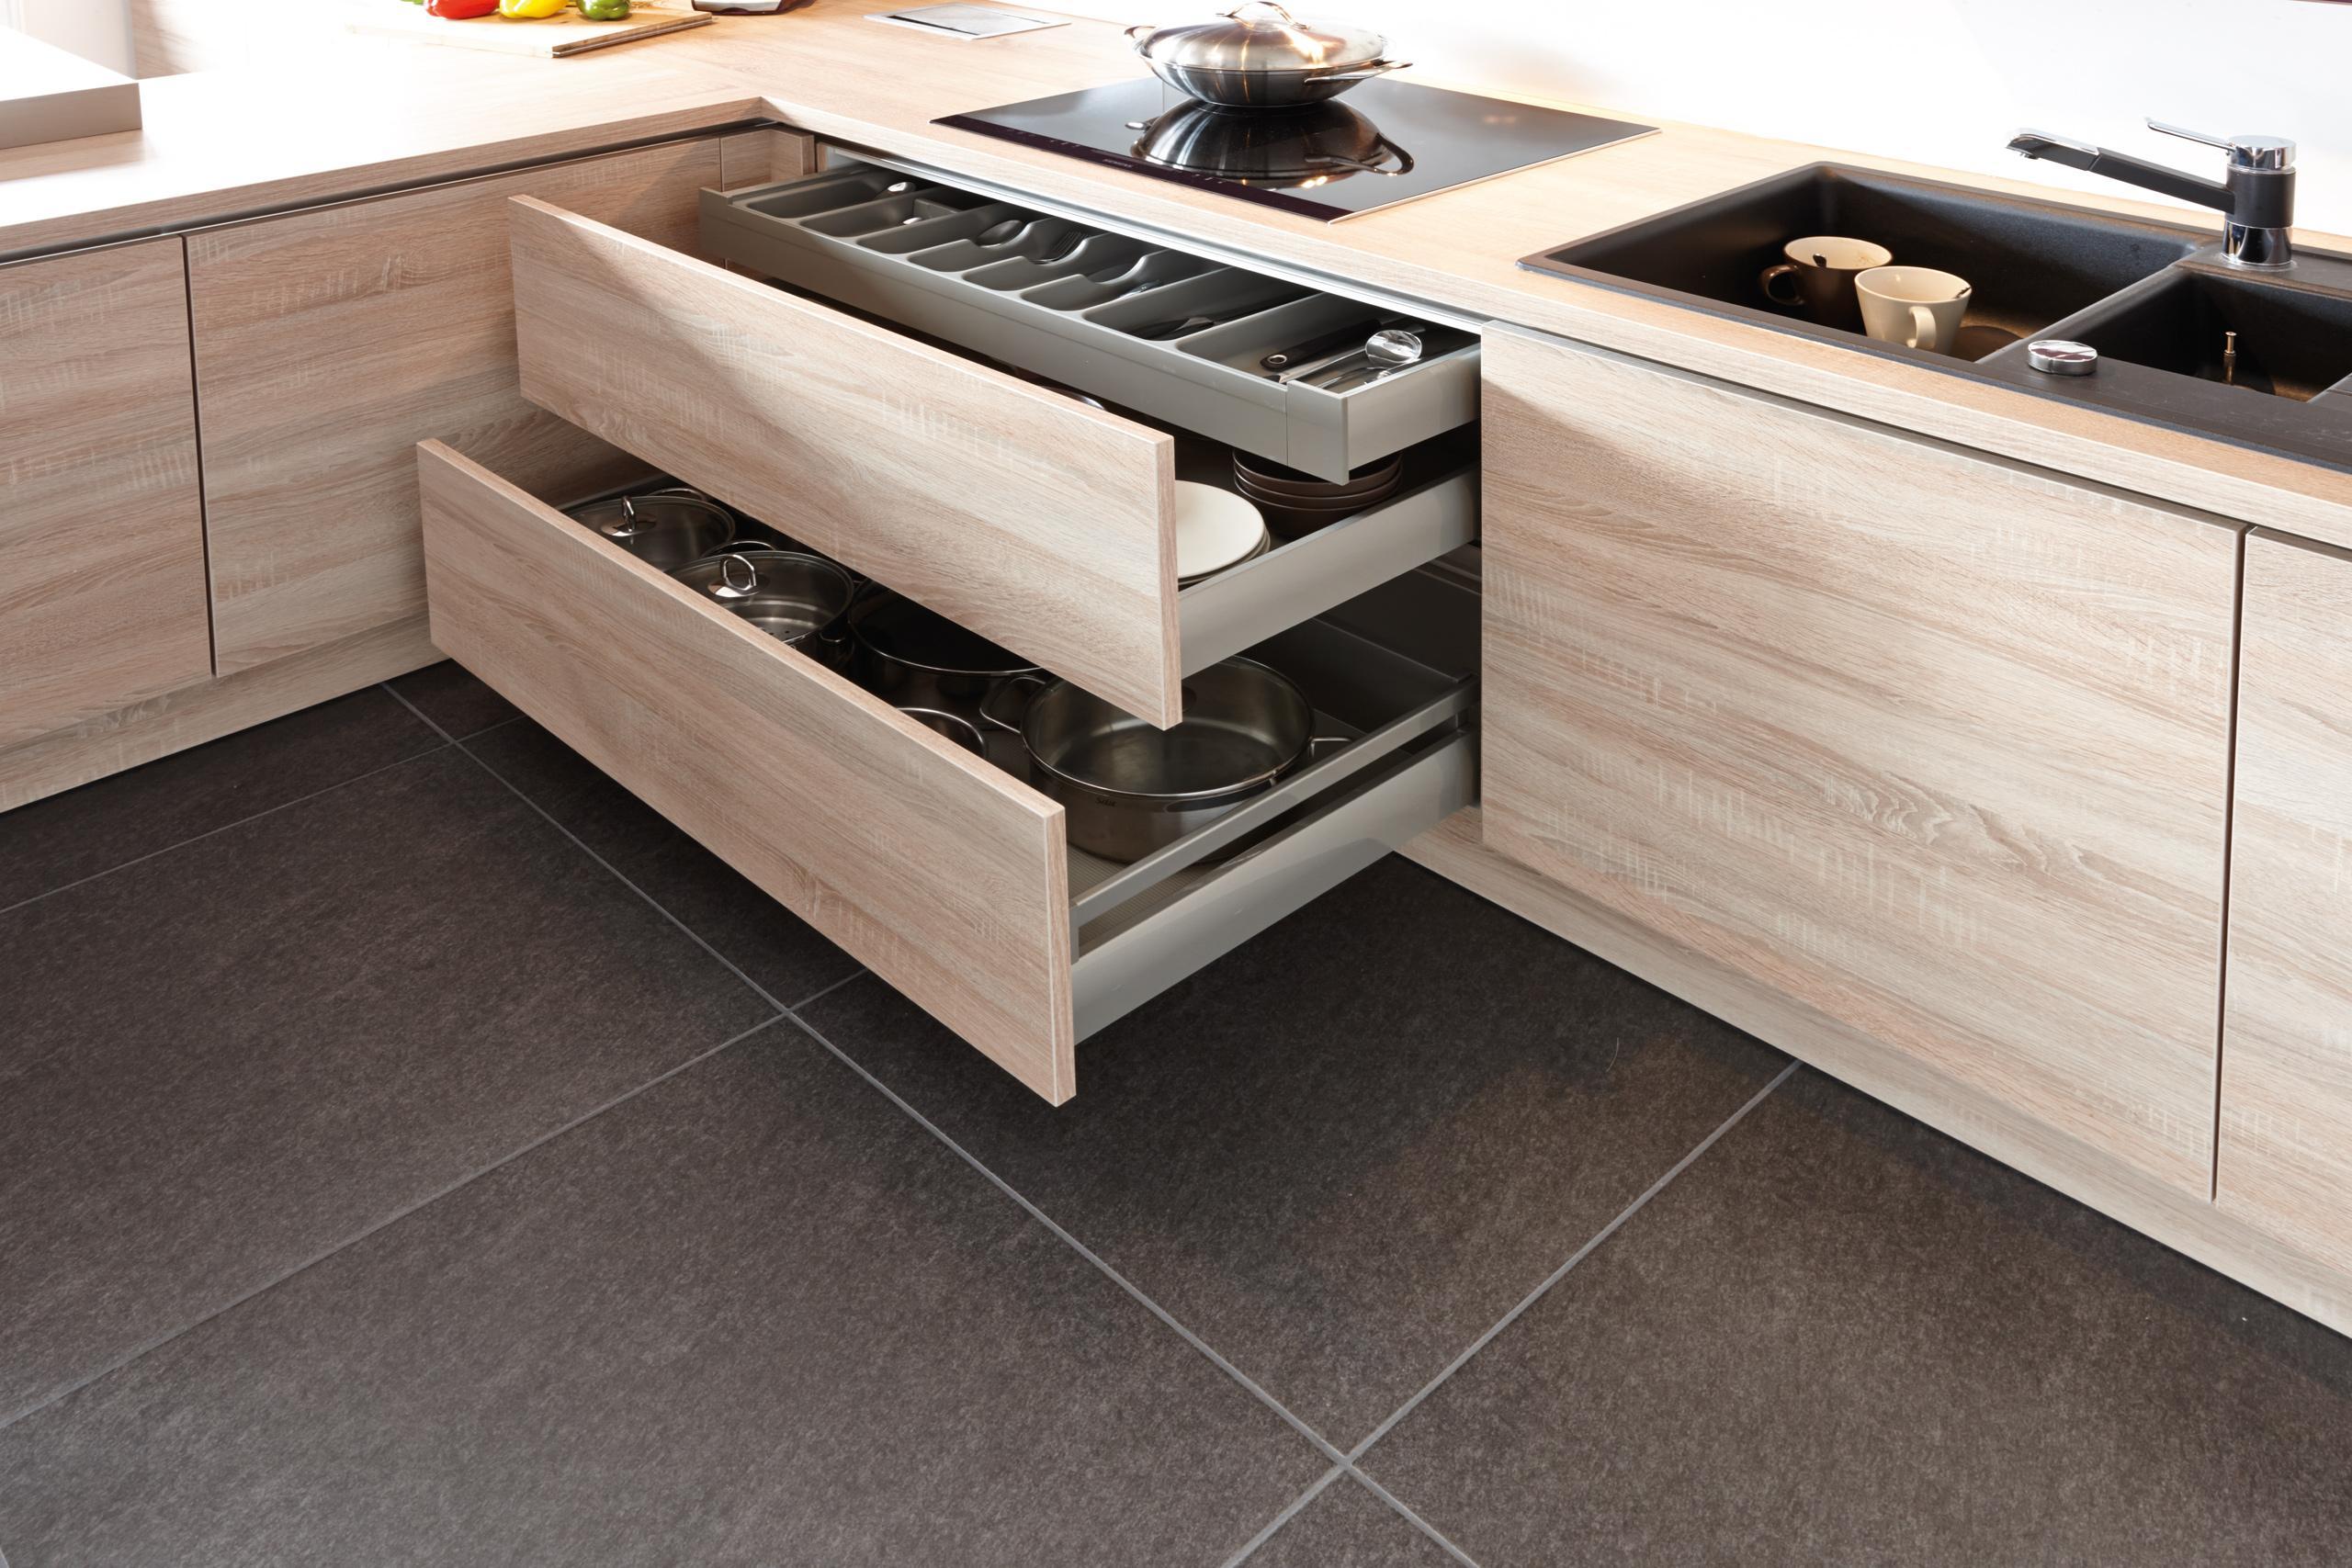 Full Size of Breite Auszugschrnke Unter Dem Kochfeld Kche Kc Küchen Regal Wohnzimmer Küchen Quelle